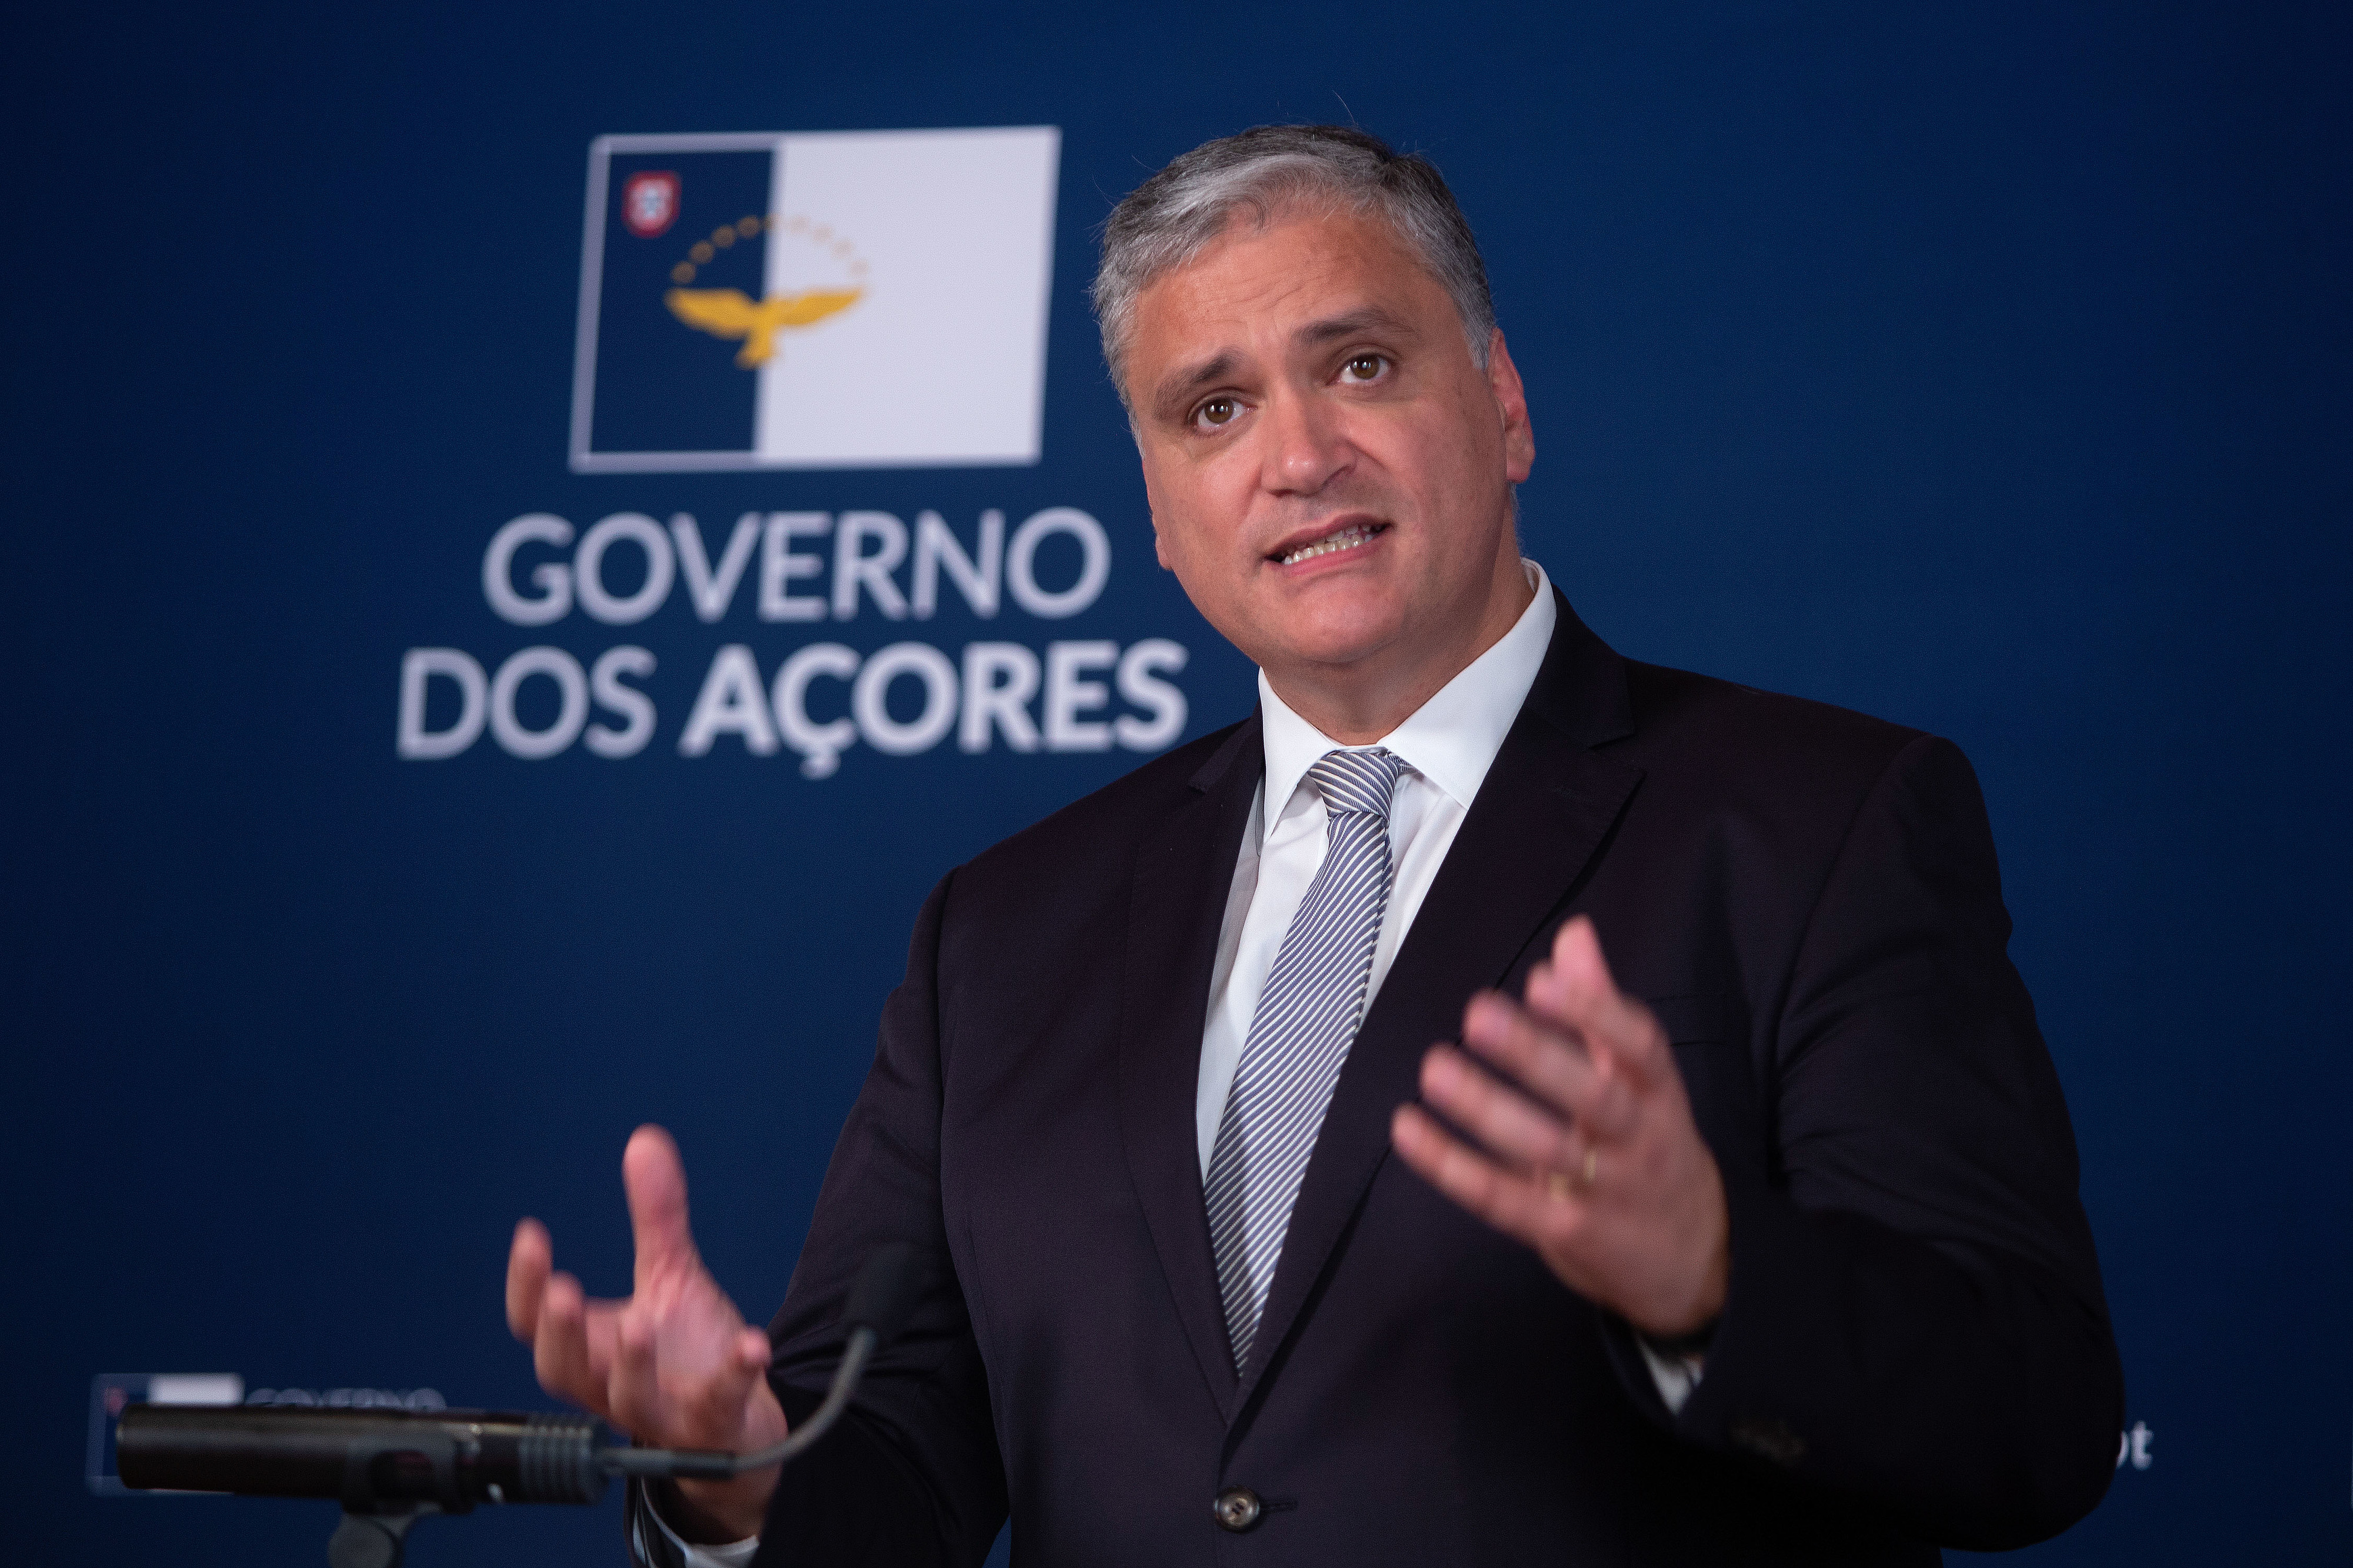 Governo dos Açores formaliza queixa-crime contra doente que viajou para a região